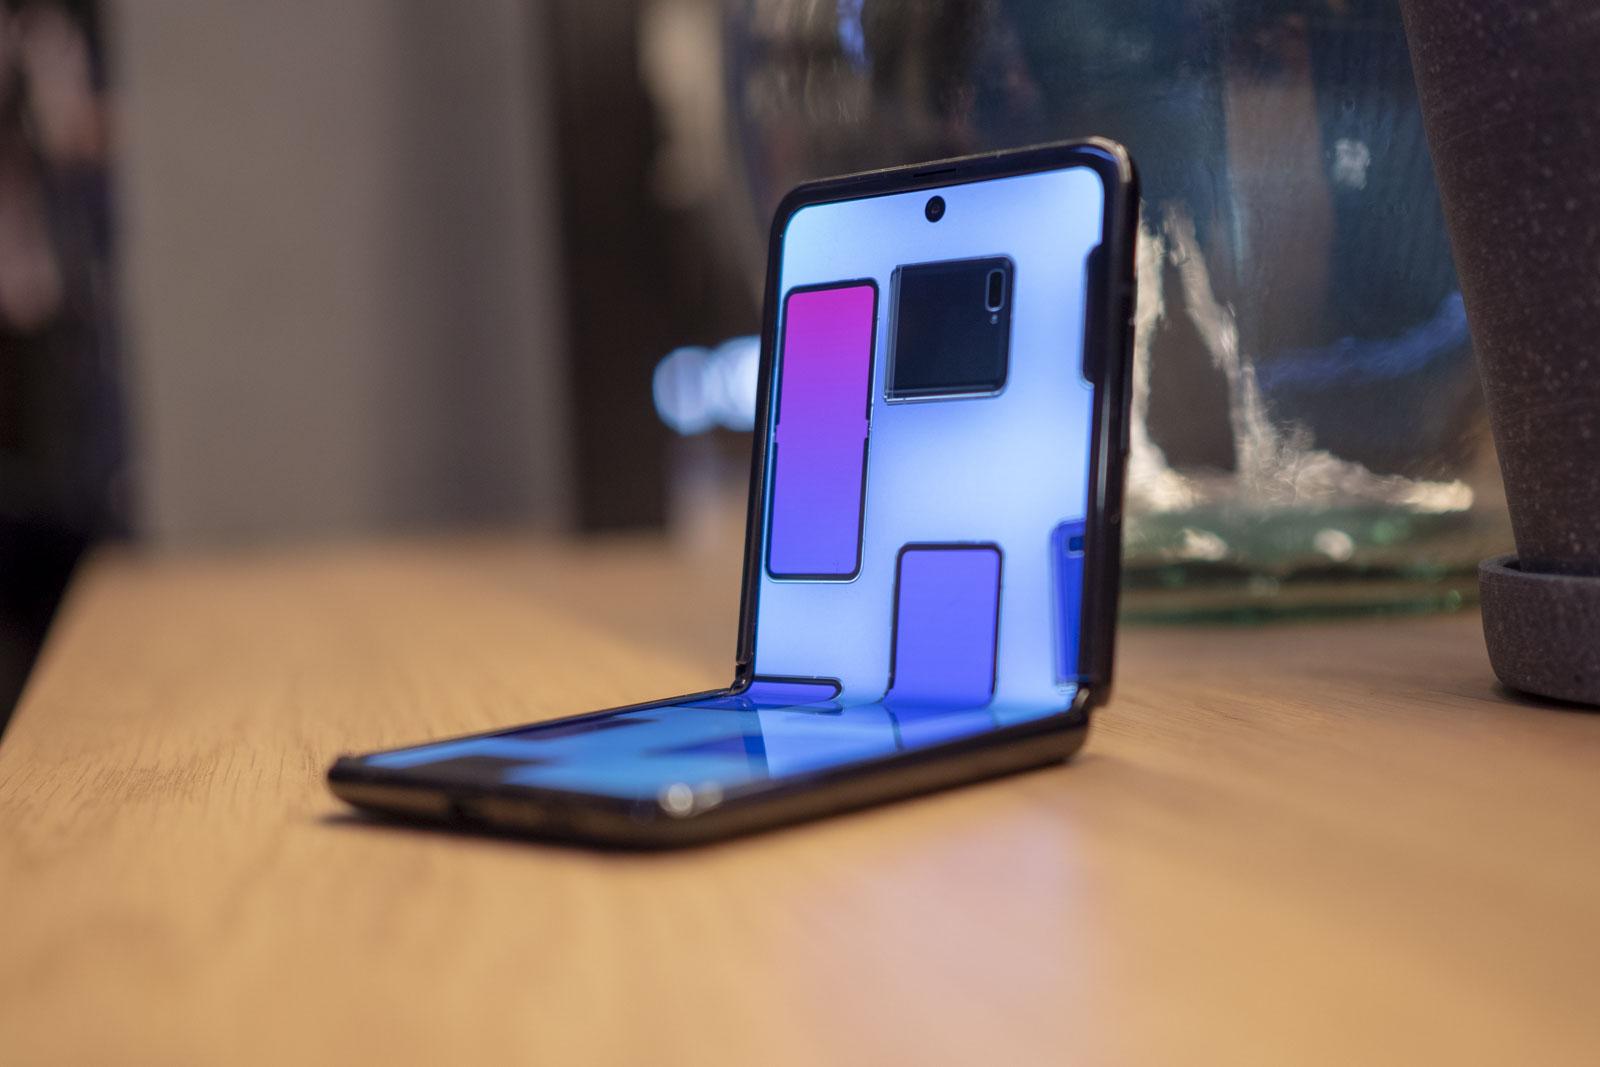 Samsung Galaxy Z w pozycji siedzącej na stole